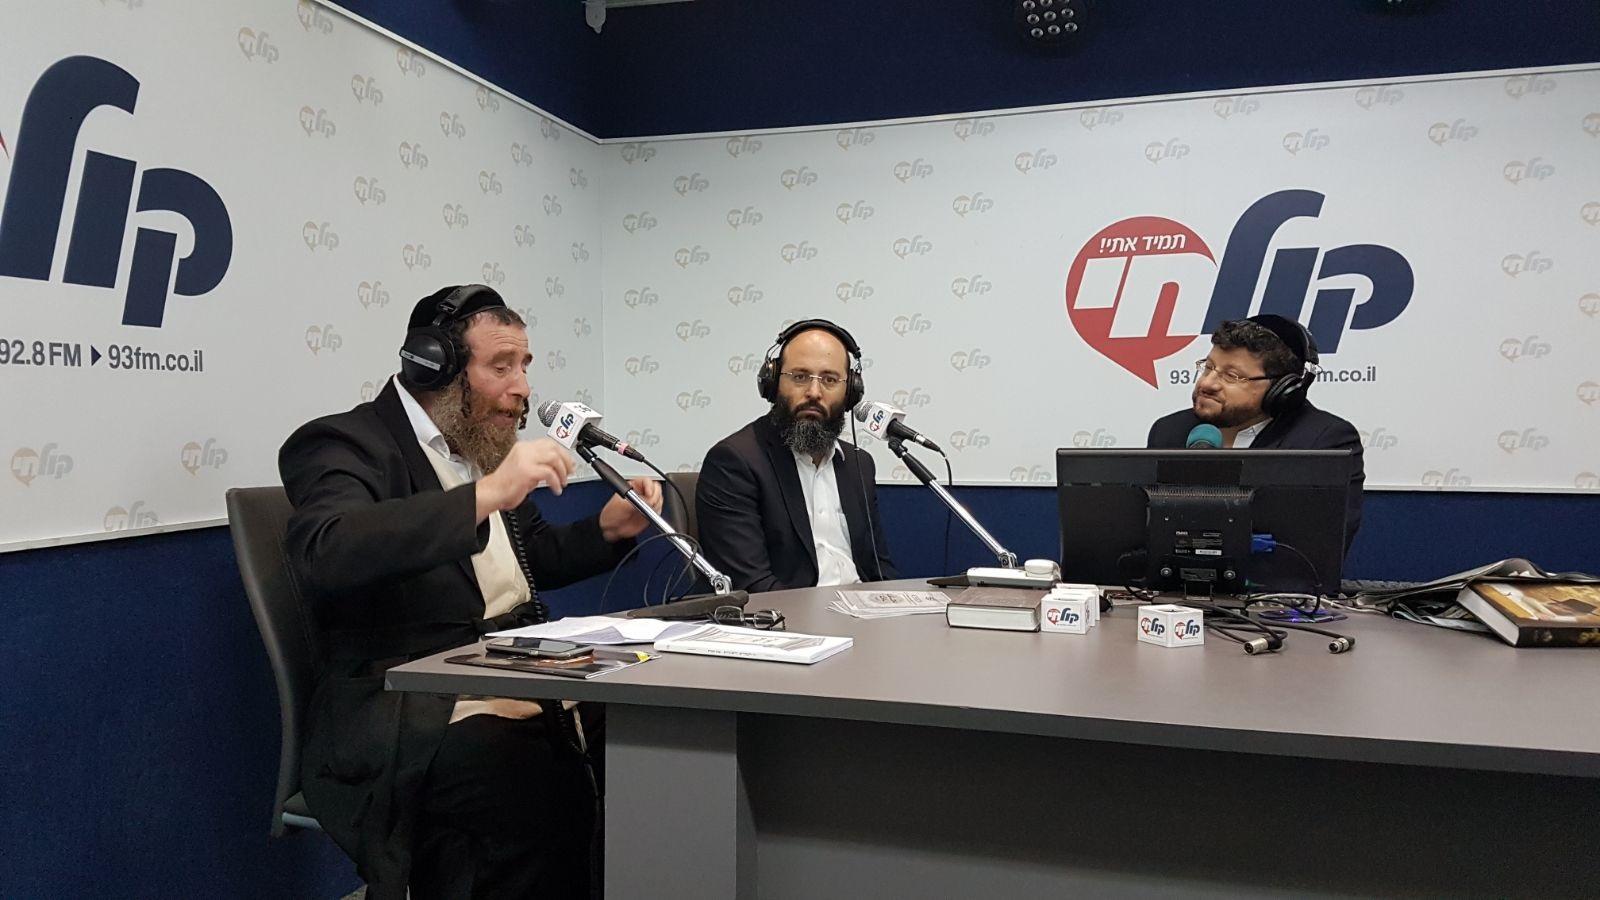 """חיים ולדר, הרב מרדכי בלוי והרב יעקב רוזנשטיין, באולפן """"קול חי"""""""